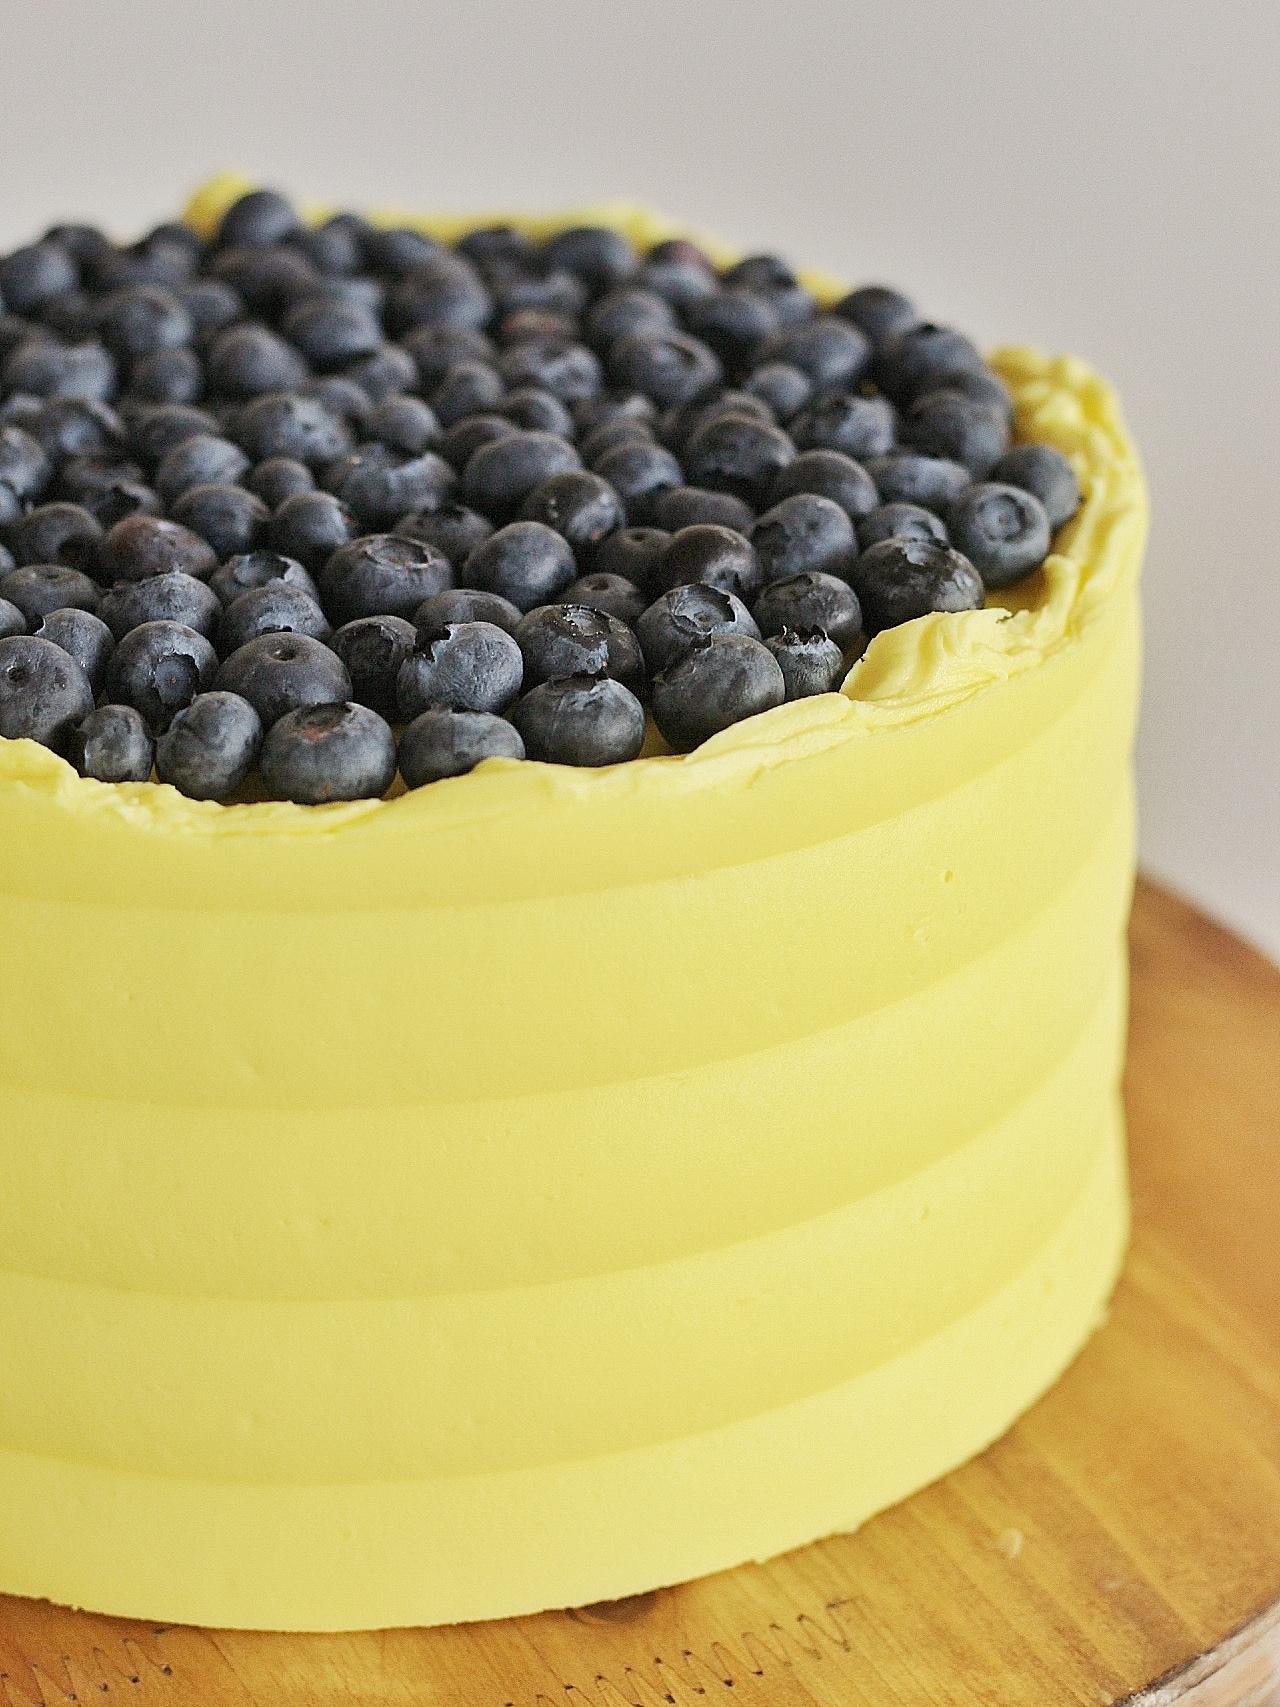 Lemon Blueberry Cake - tender lemon cake layer with fresh blueberries, lemon curd and lemon buttercream. #cakebycourtney #lemoncake #lemonblueberrycake #lemondessert #lemoncurd #easylemoncake